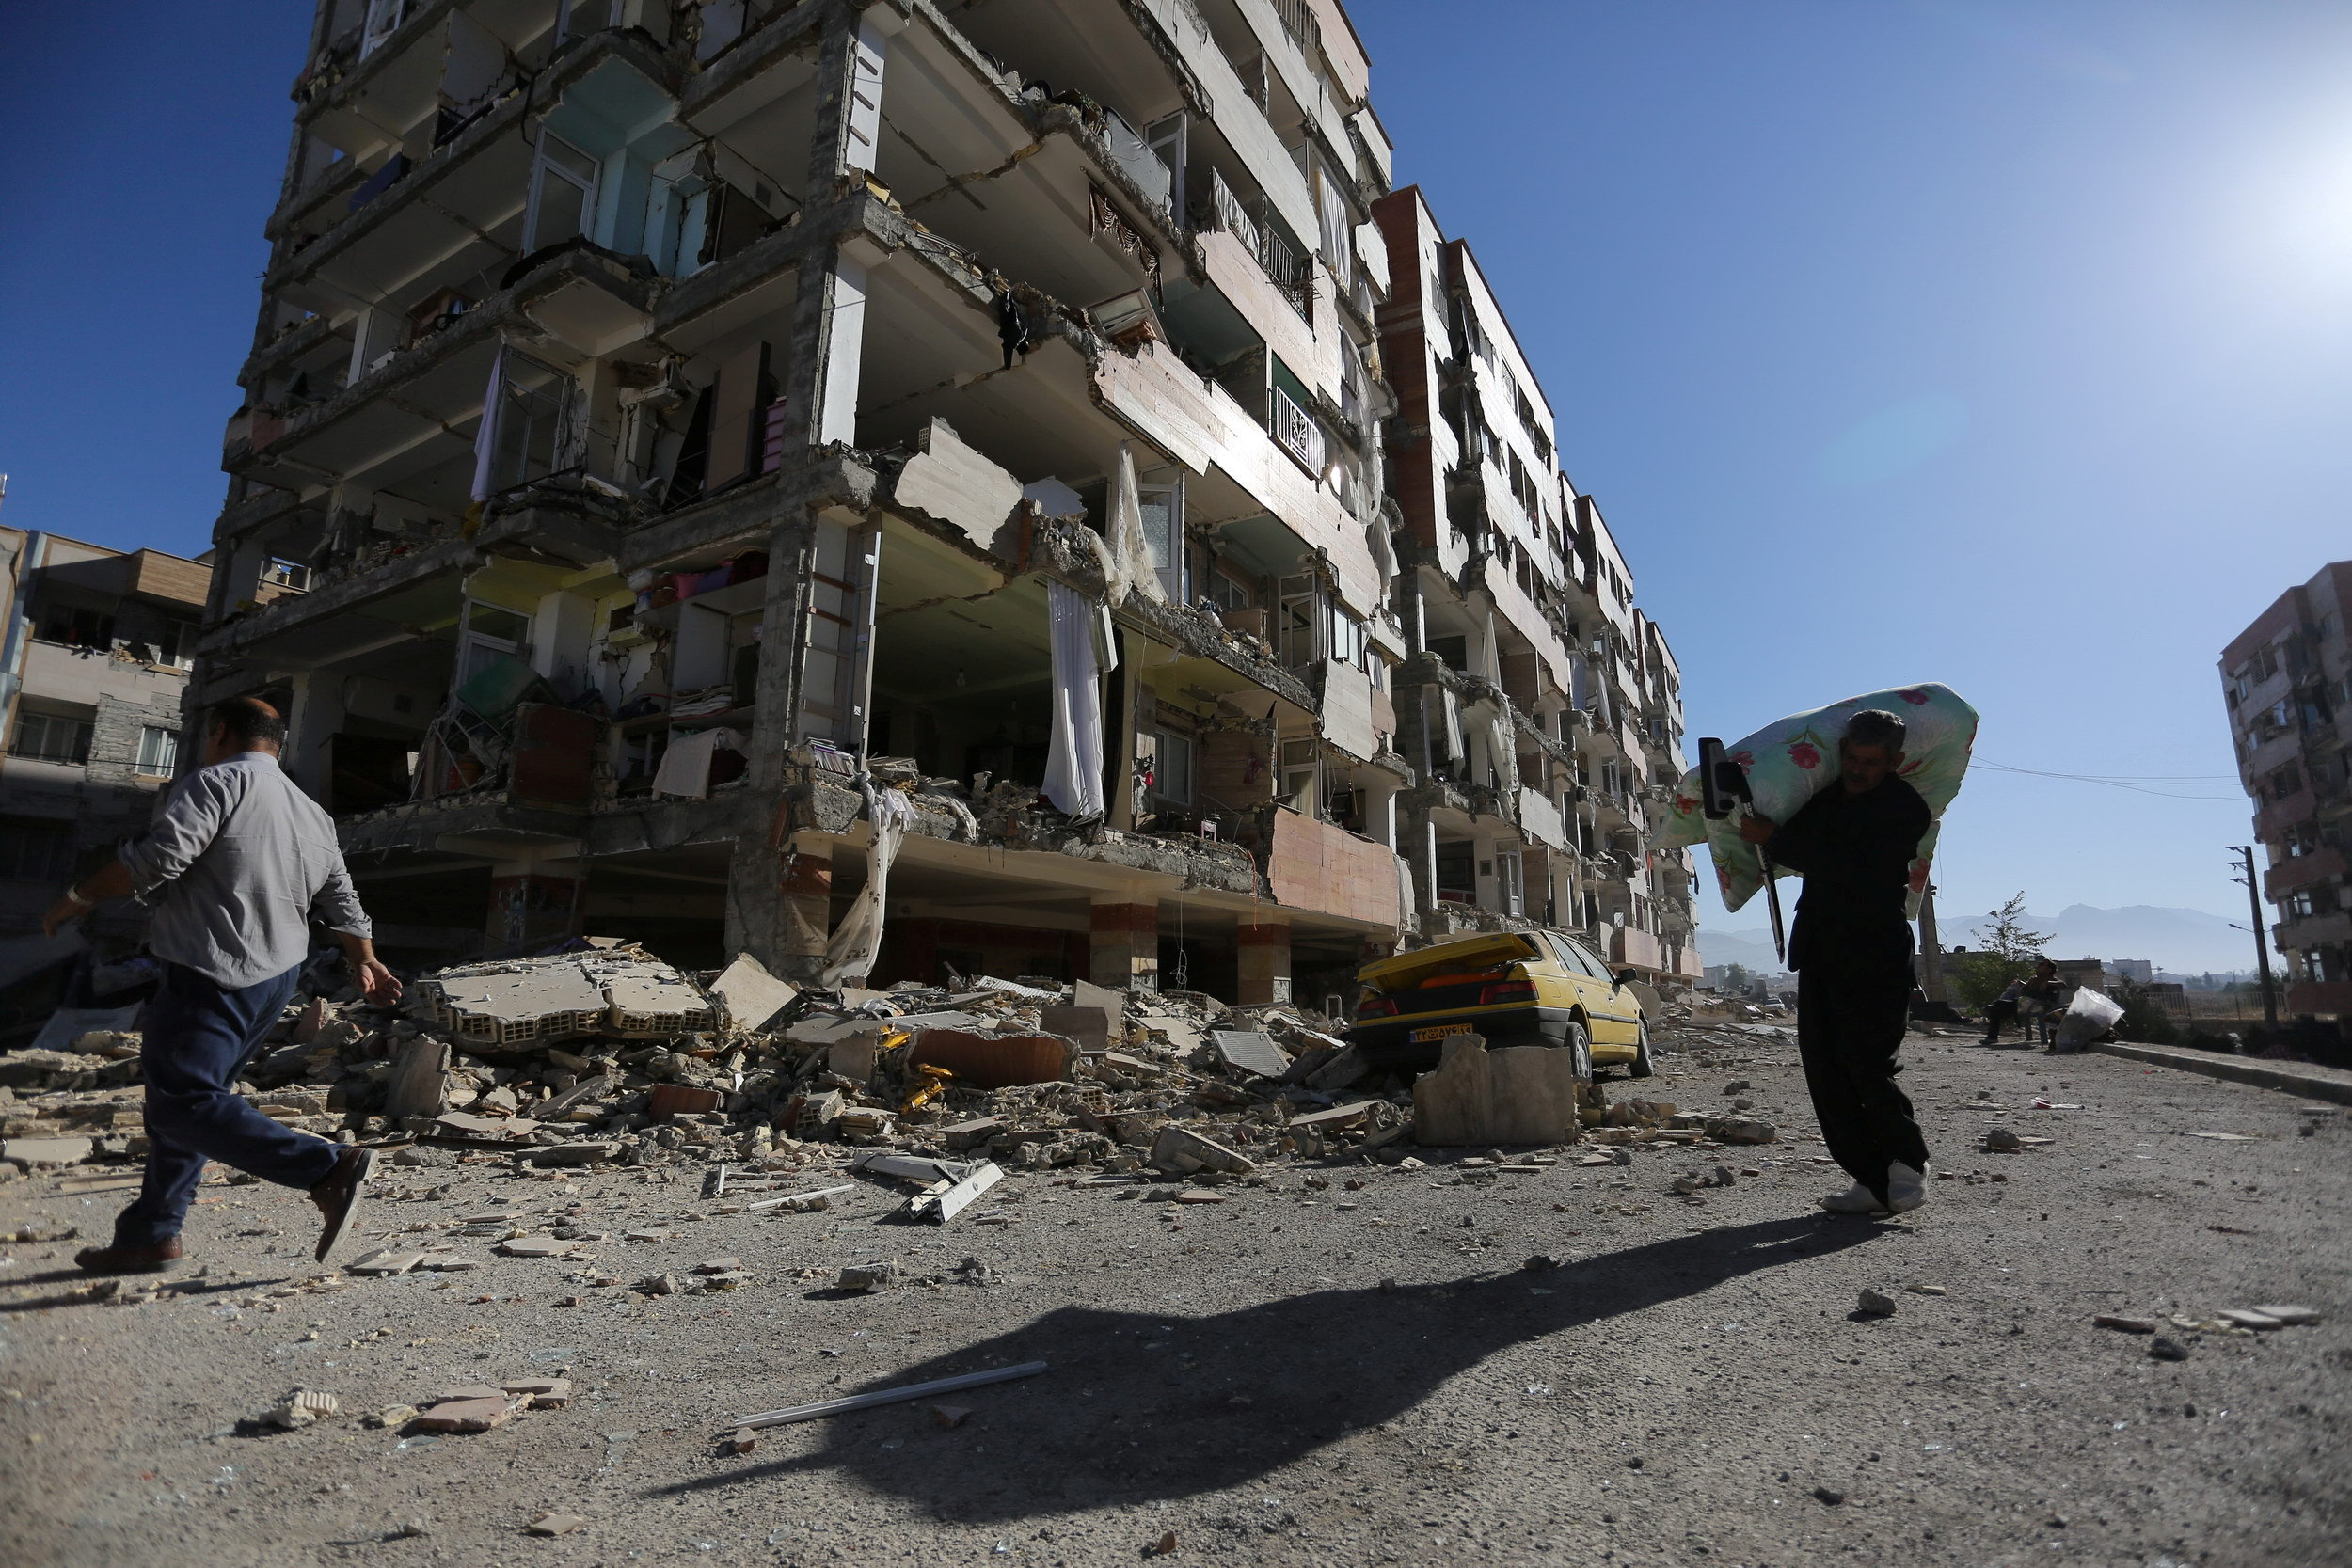 1544469-زلزال-مدمر-يضرب-الحدود-الإيرانية-العراقية